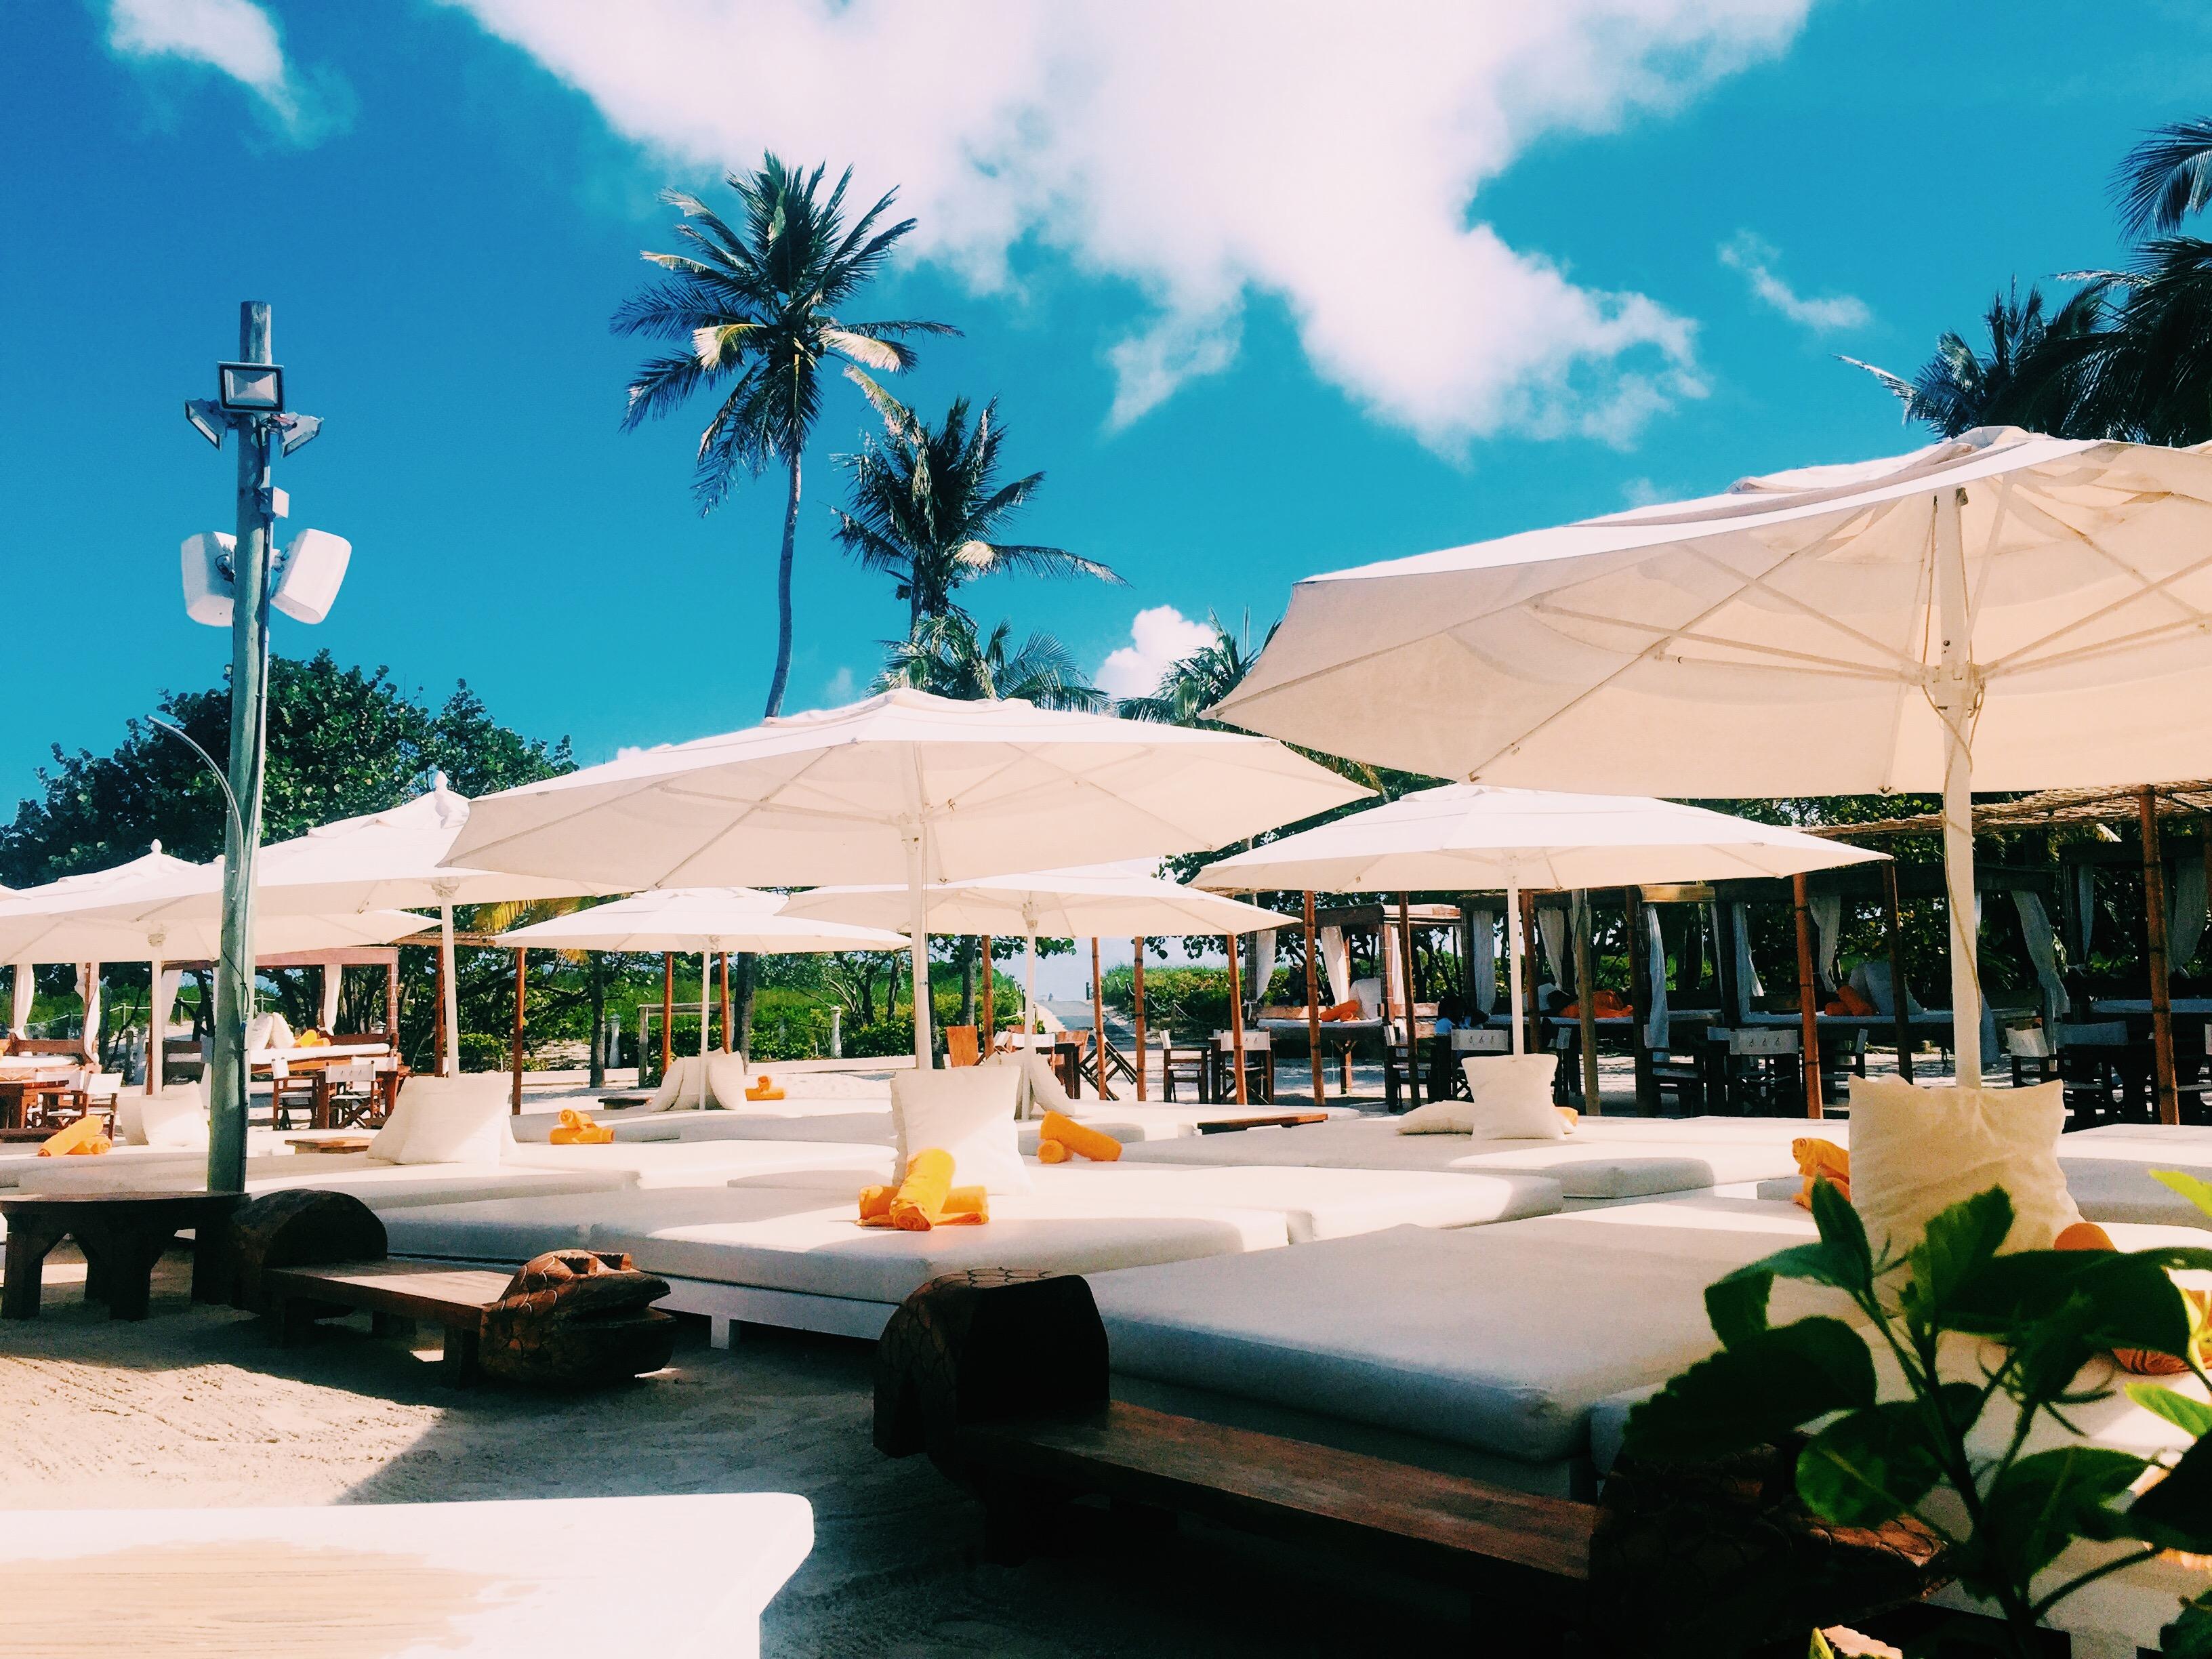 Luxury lounging awaits you at Nikki Beach